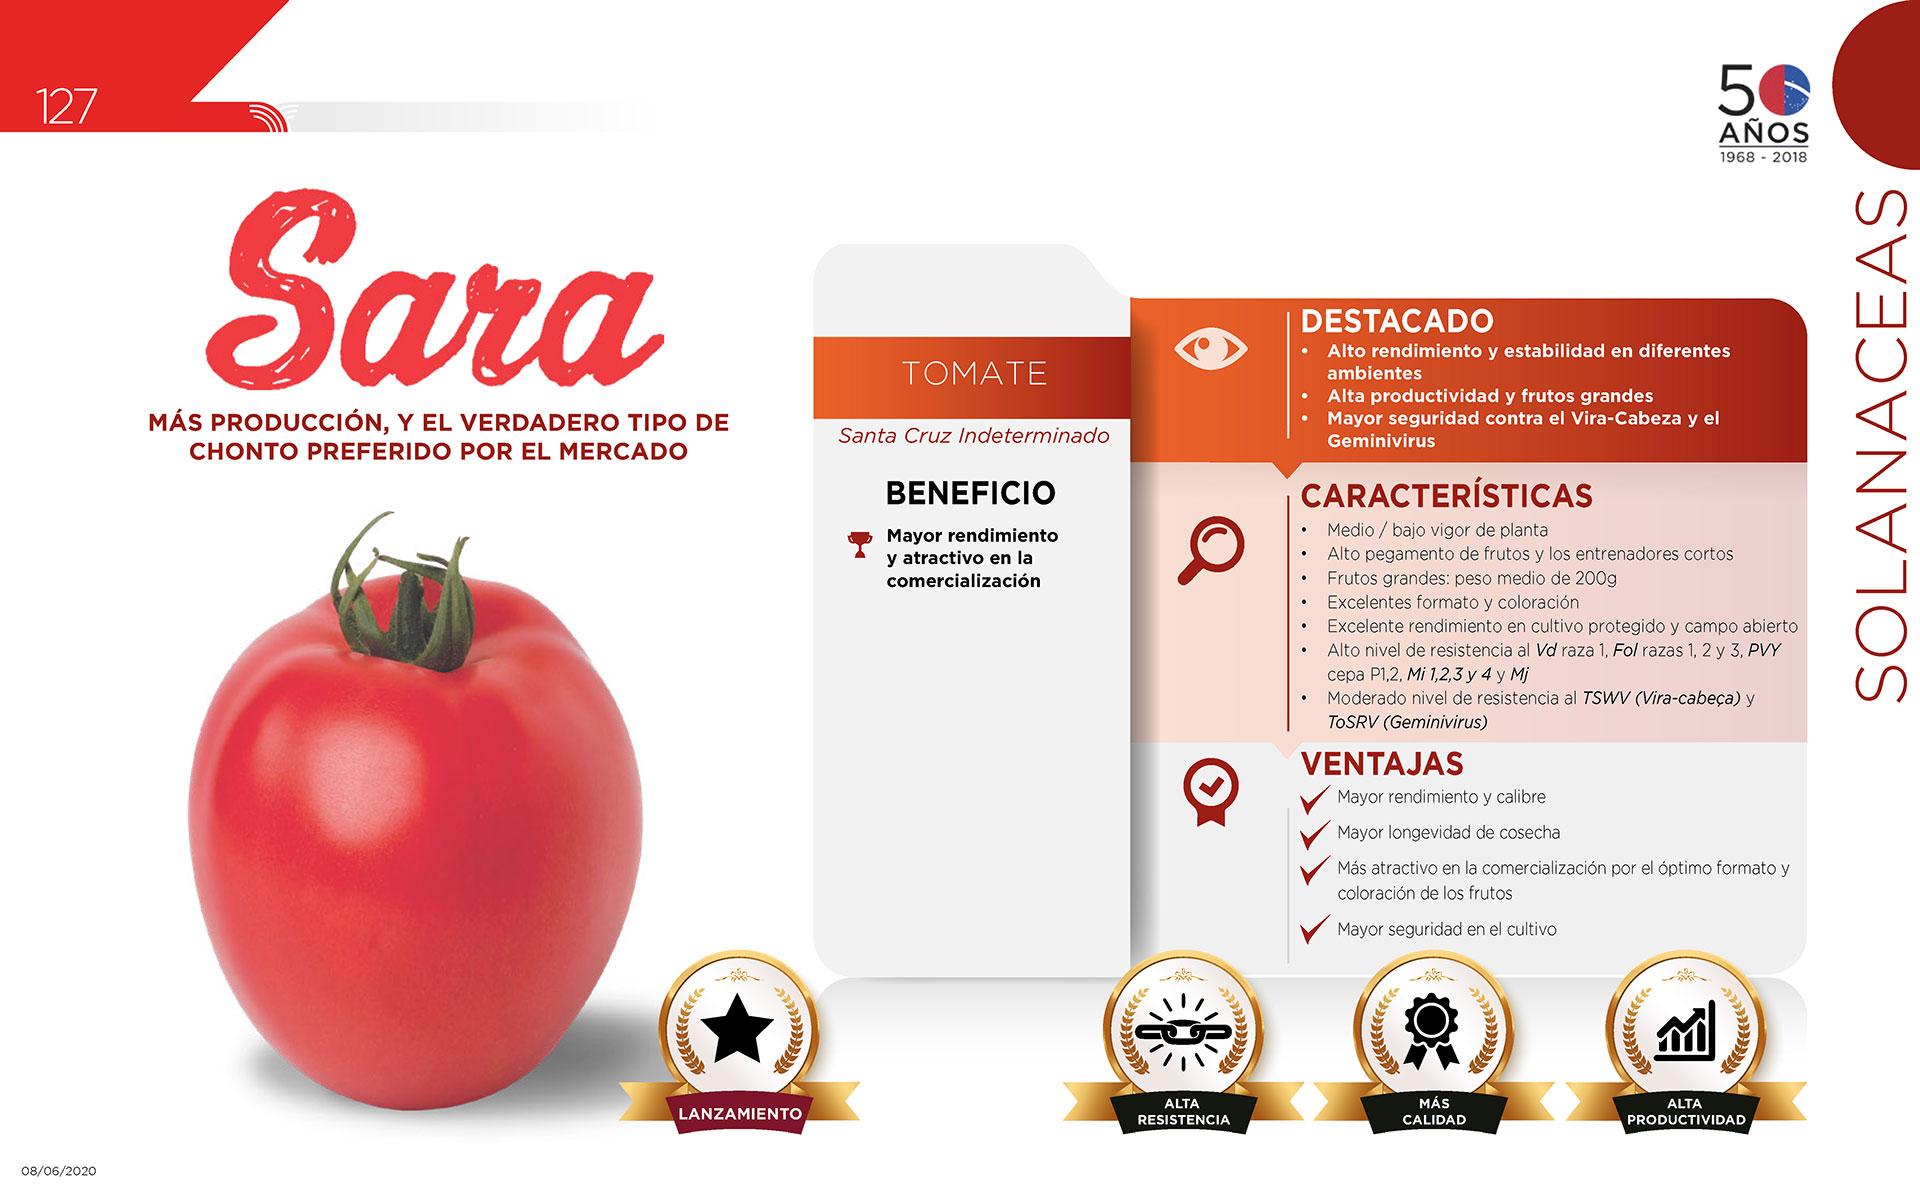 Sara - Solanaceas